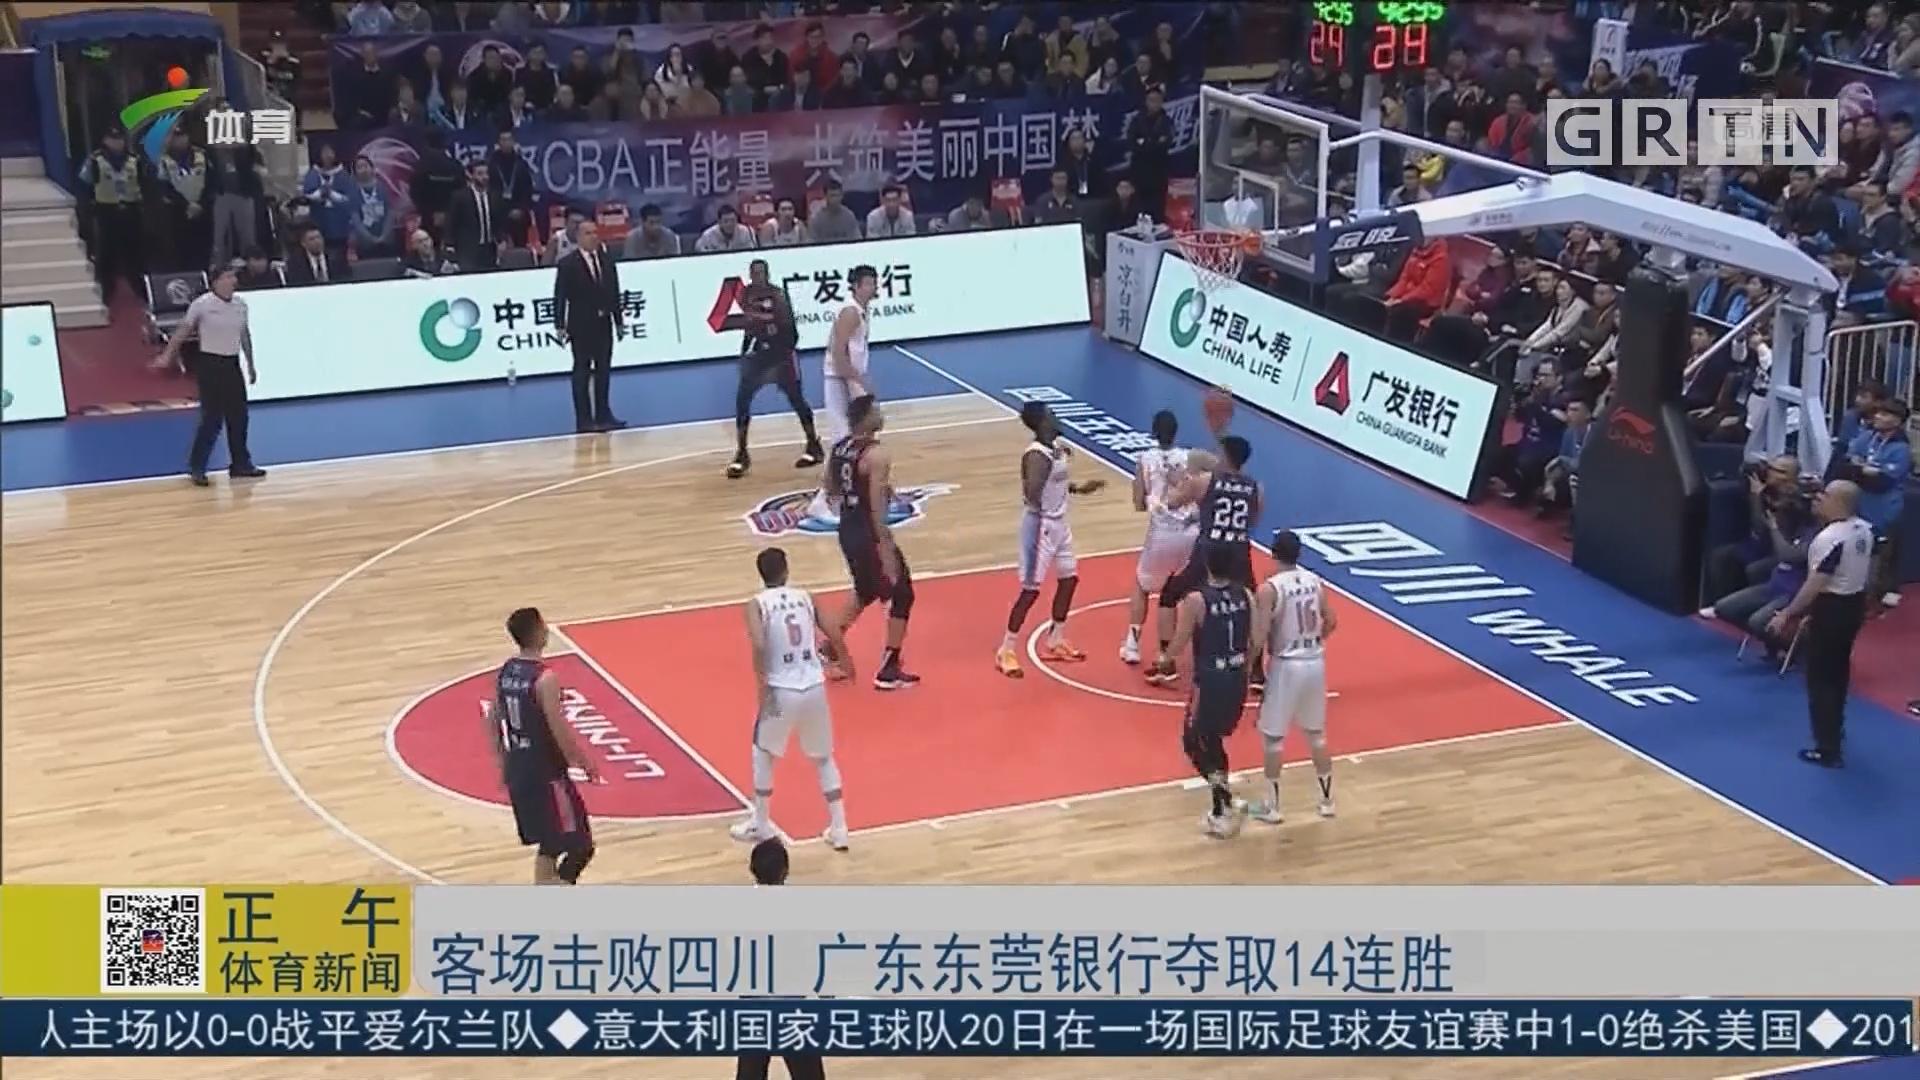 客场击败四川 广东东莞银行夺取14连胜